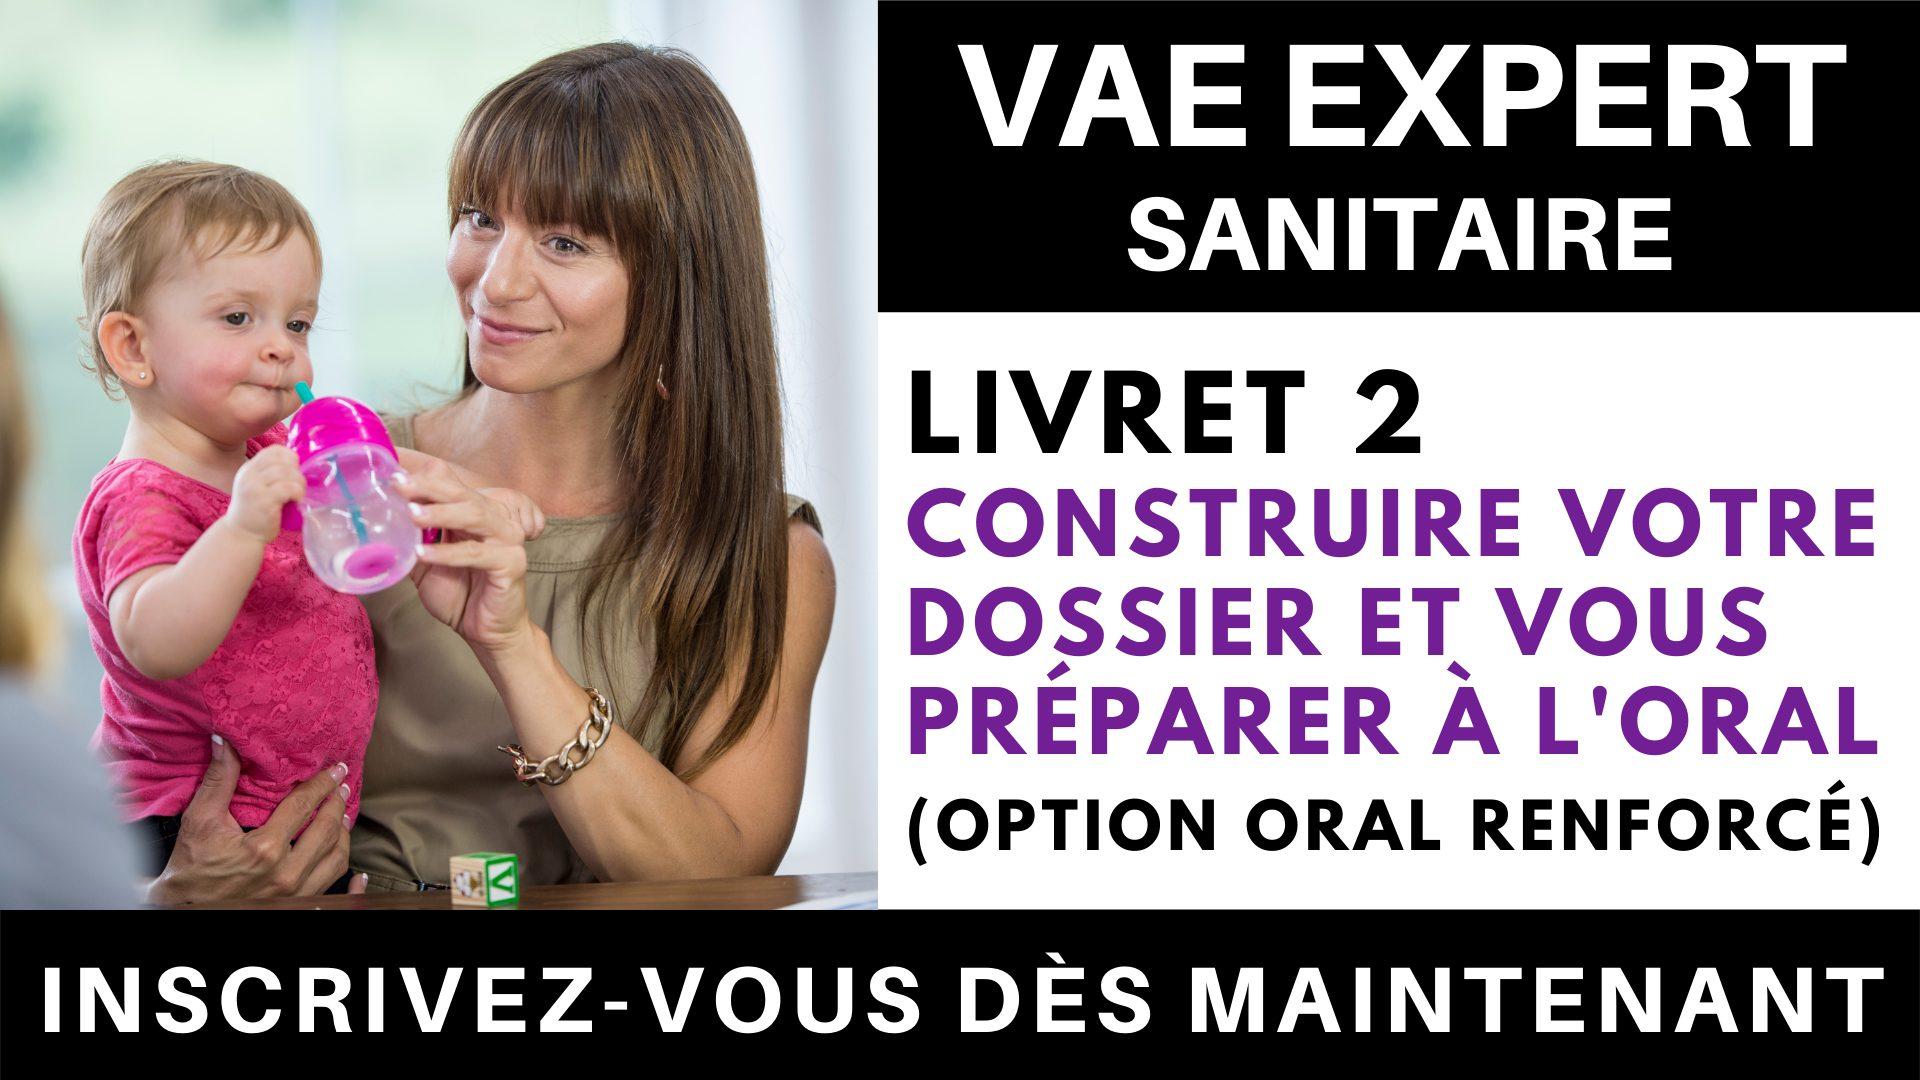 VAE EXPERT SANITAIRE - Livret 2 Construire votre dossier et vous préparer à l'oral + option 'oral renforcé'